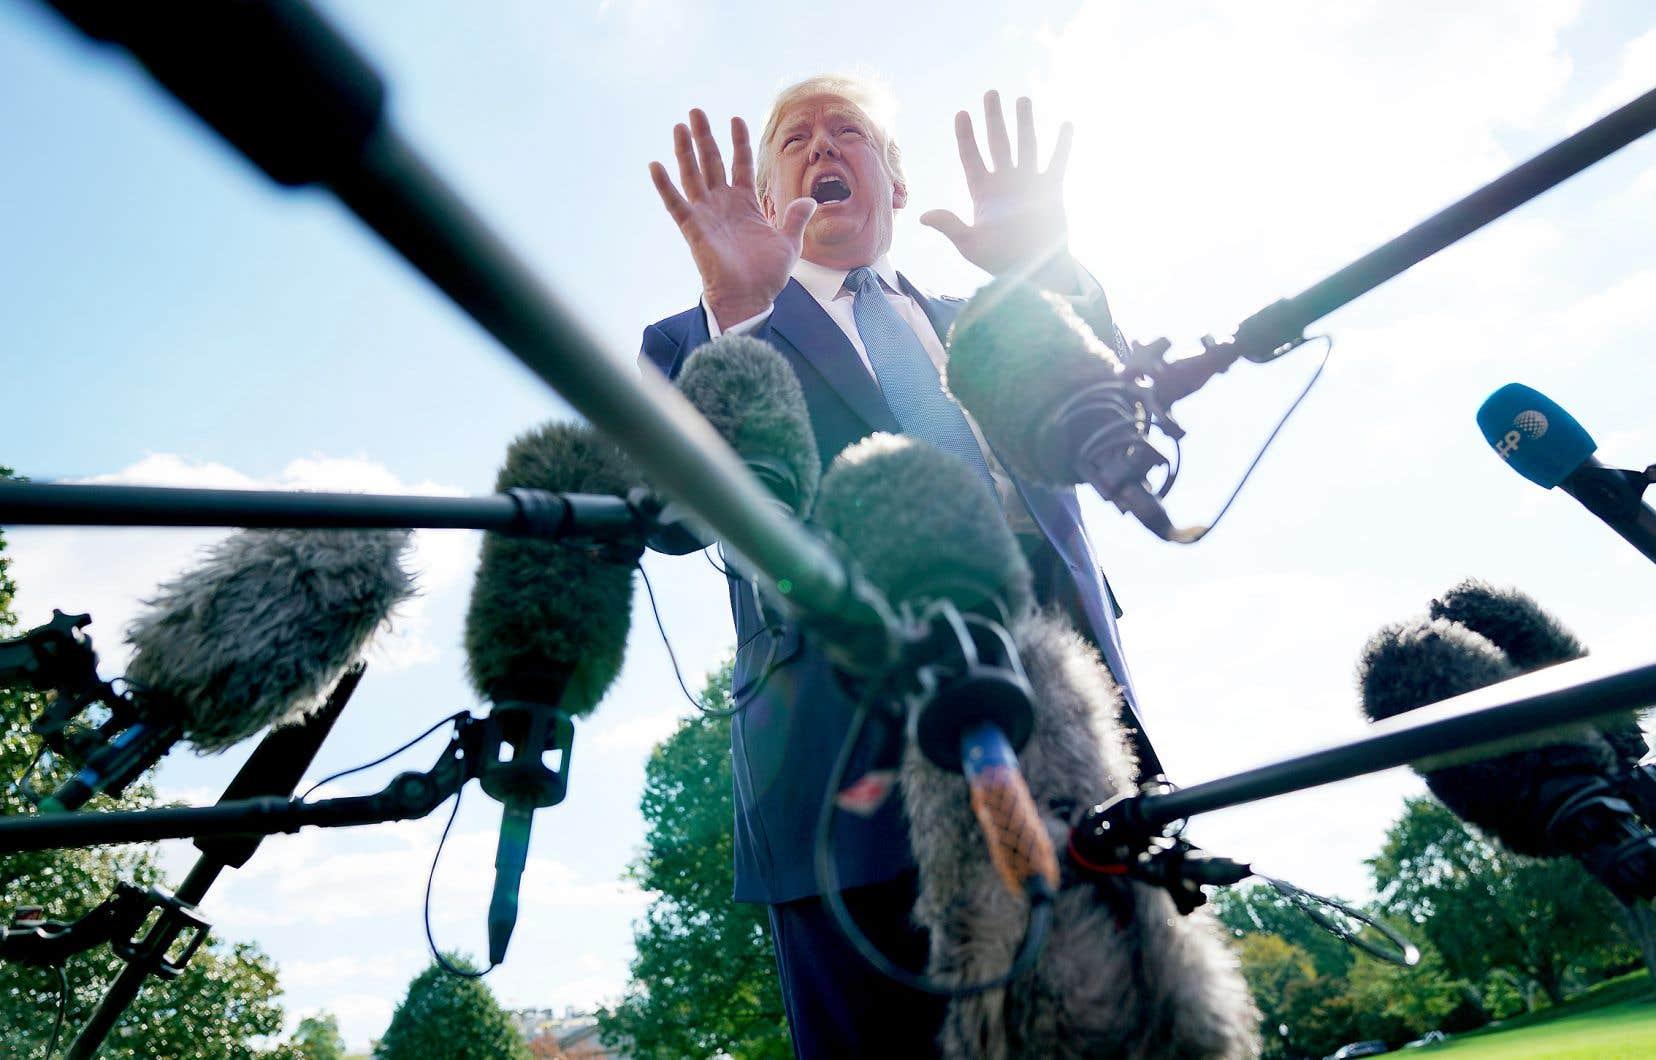 Vendredi, le président Donald Trump s'est longuement expliqué devant les médias réunis dans les jardins de la Maison-Blanche.